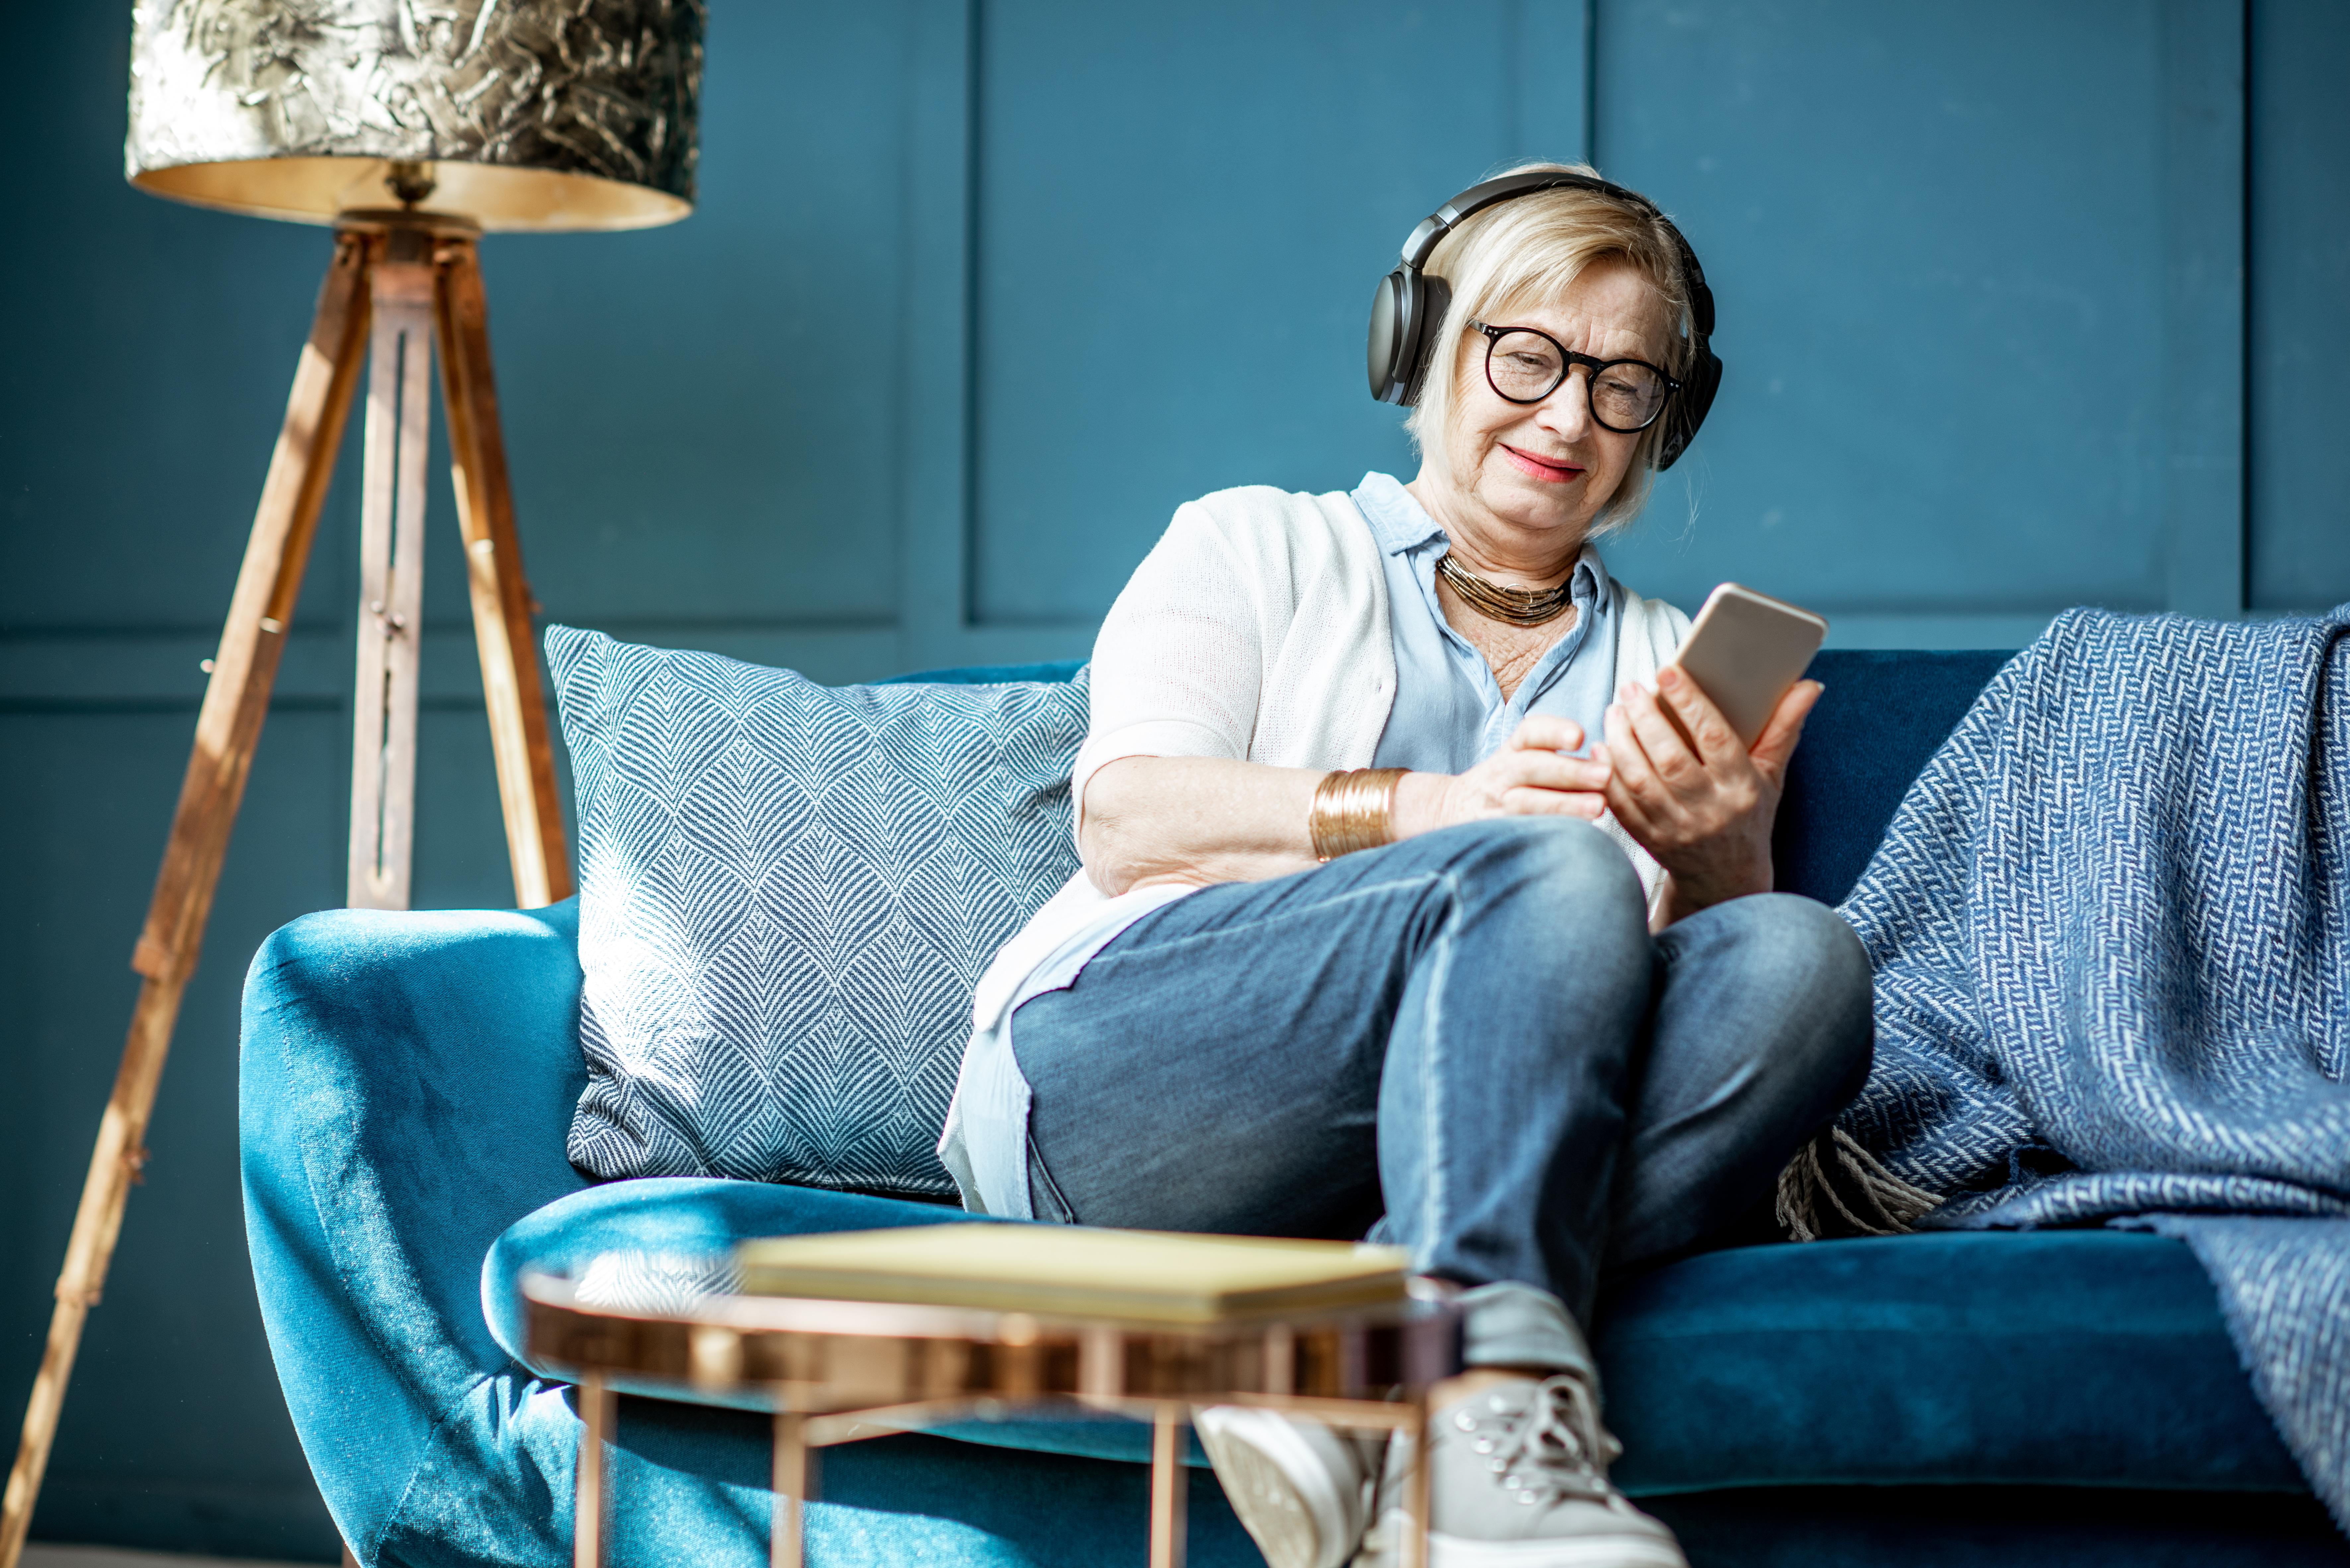 I studien deltog 29 friska personer varpå hälften varje dag hade tränat mindfulness 10-20 minuter via en smartphone-app under fyra veckor.